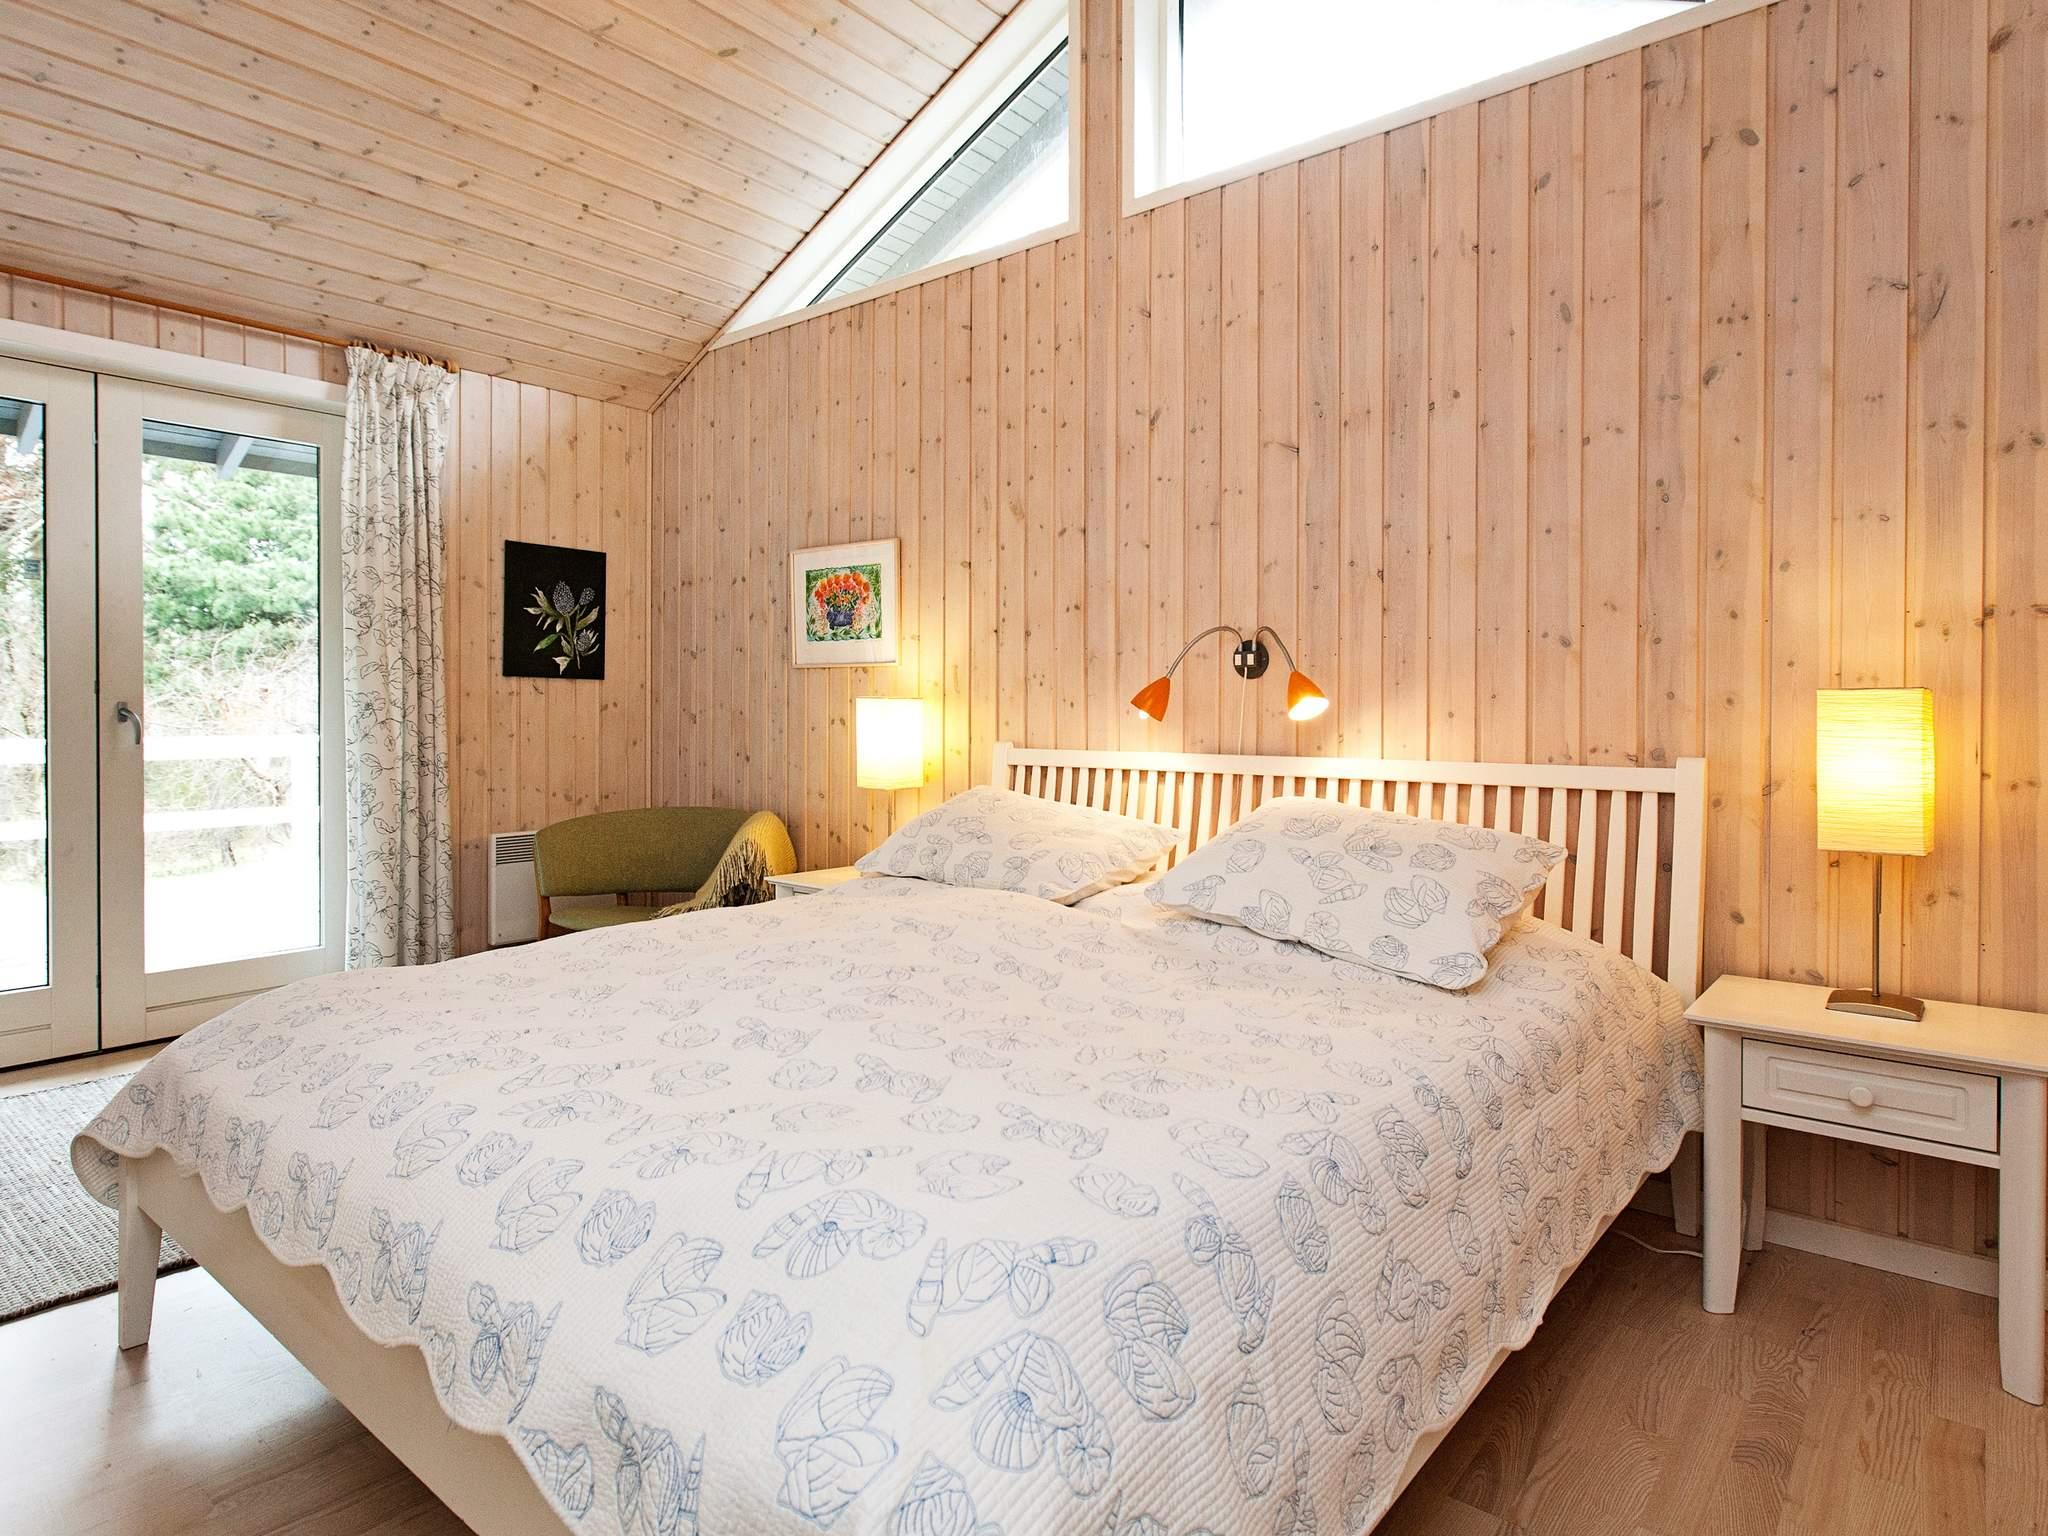 Ferienhaus Udsholt Strand (87426), Udsholt, , Nordseeland, Dänemark, Bild 10